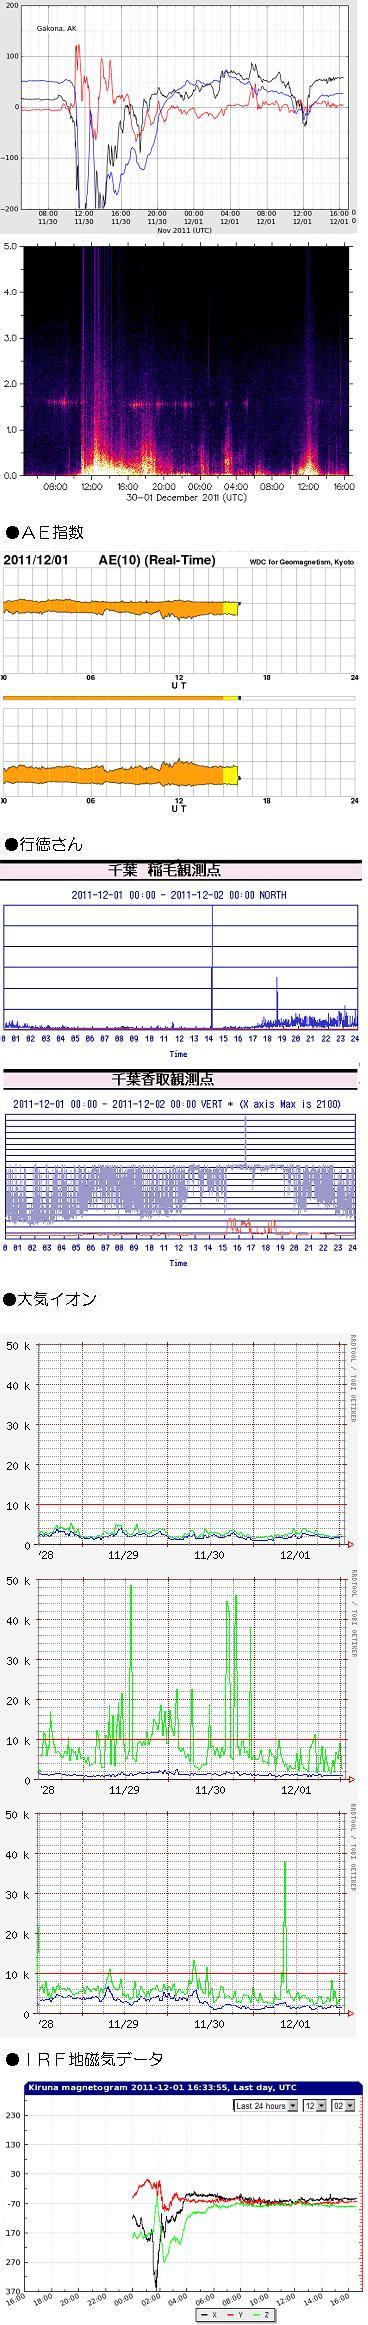 1202-1 データ